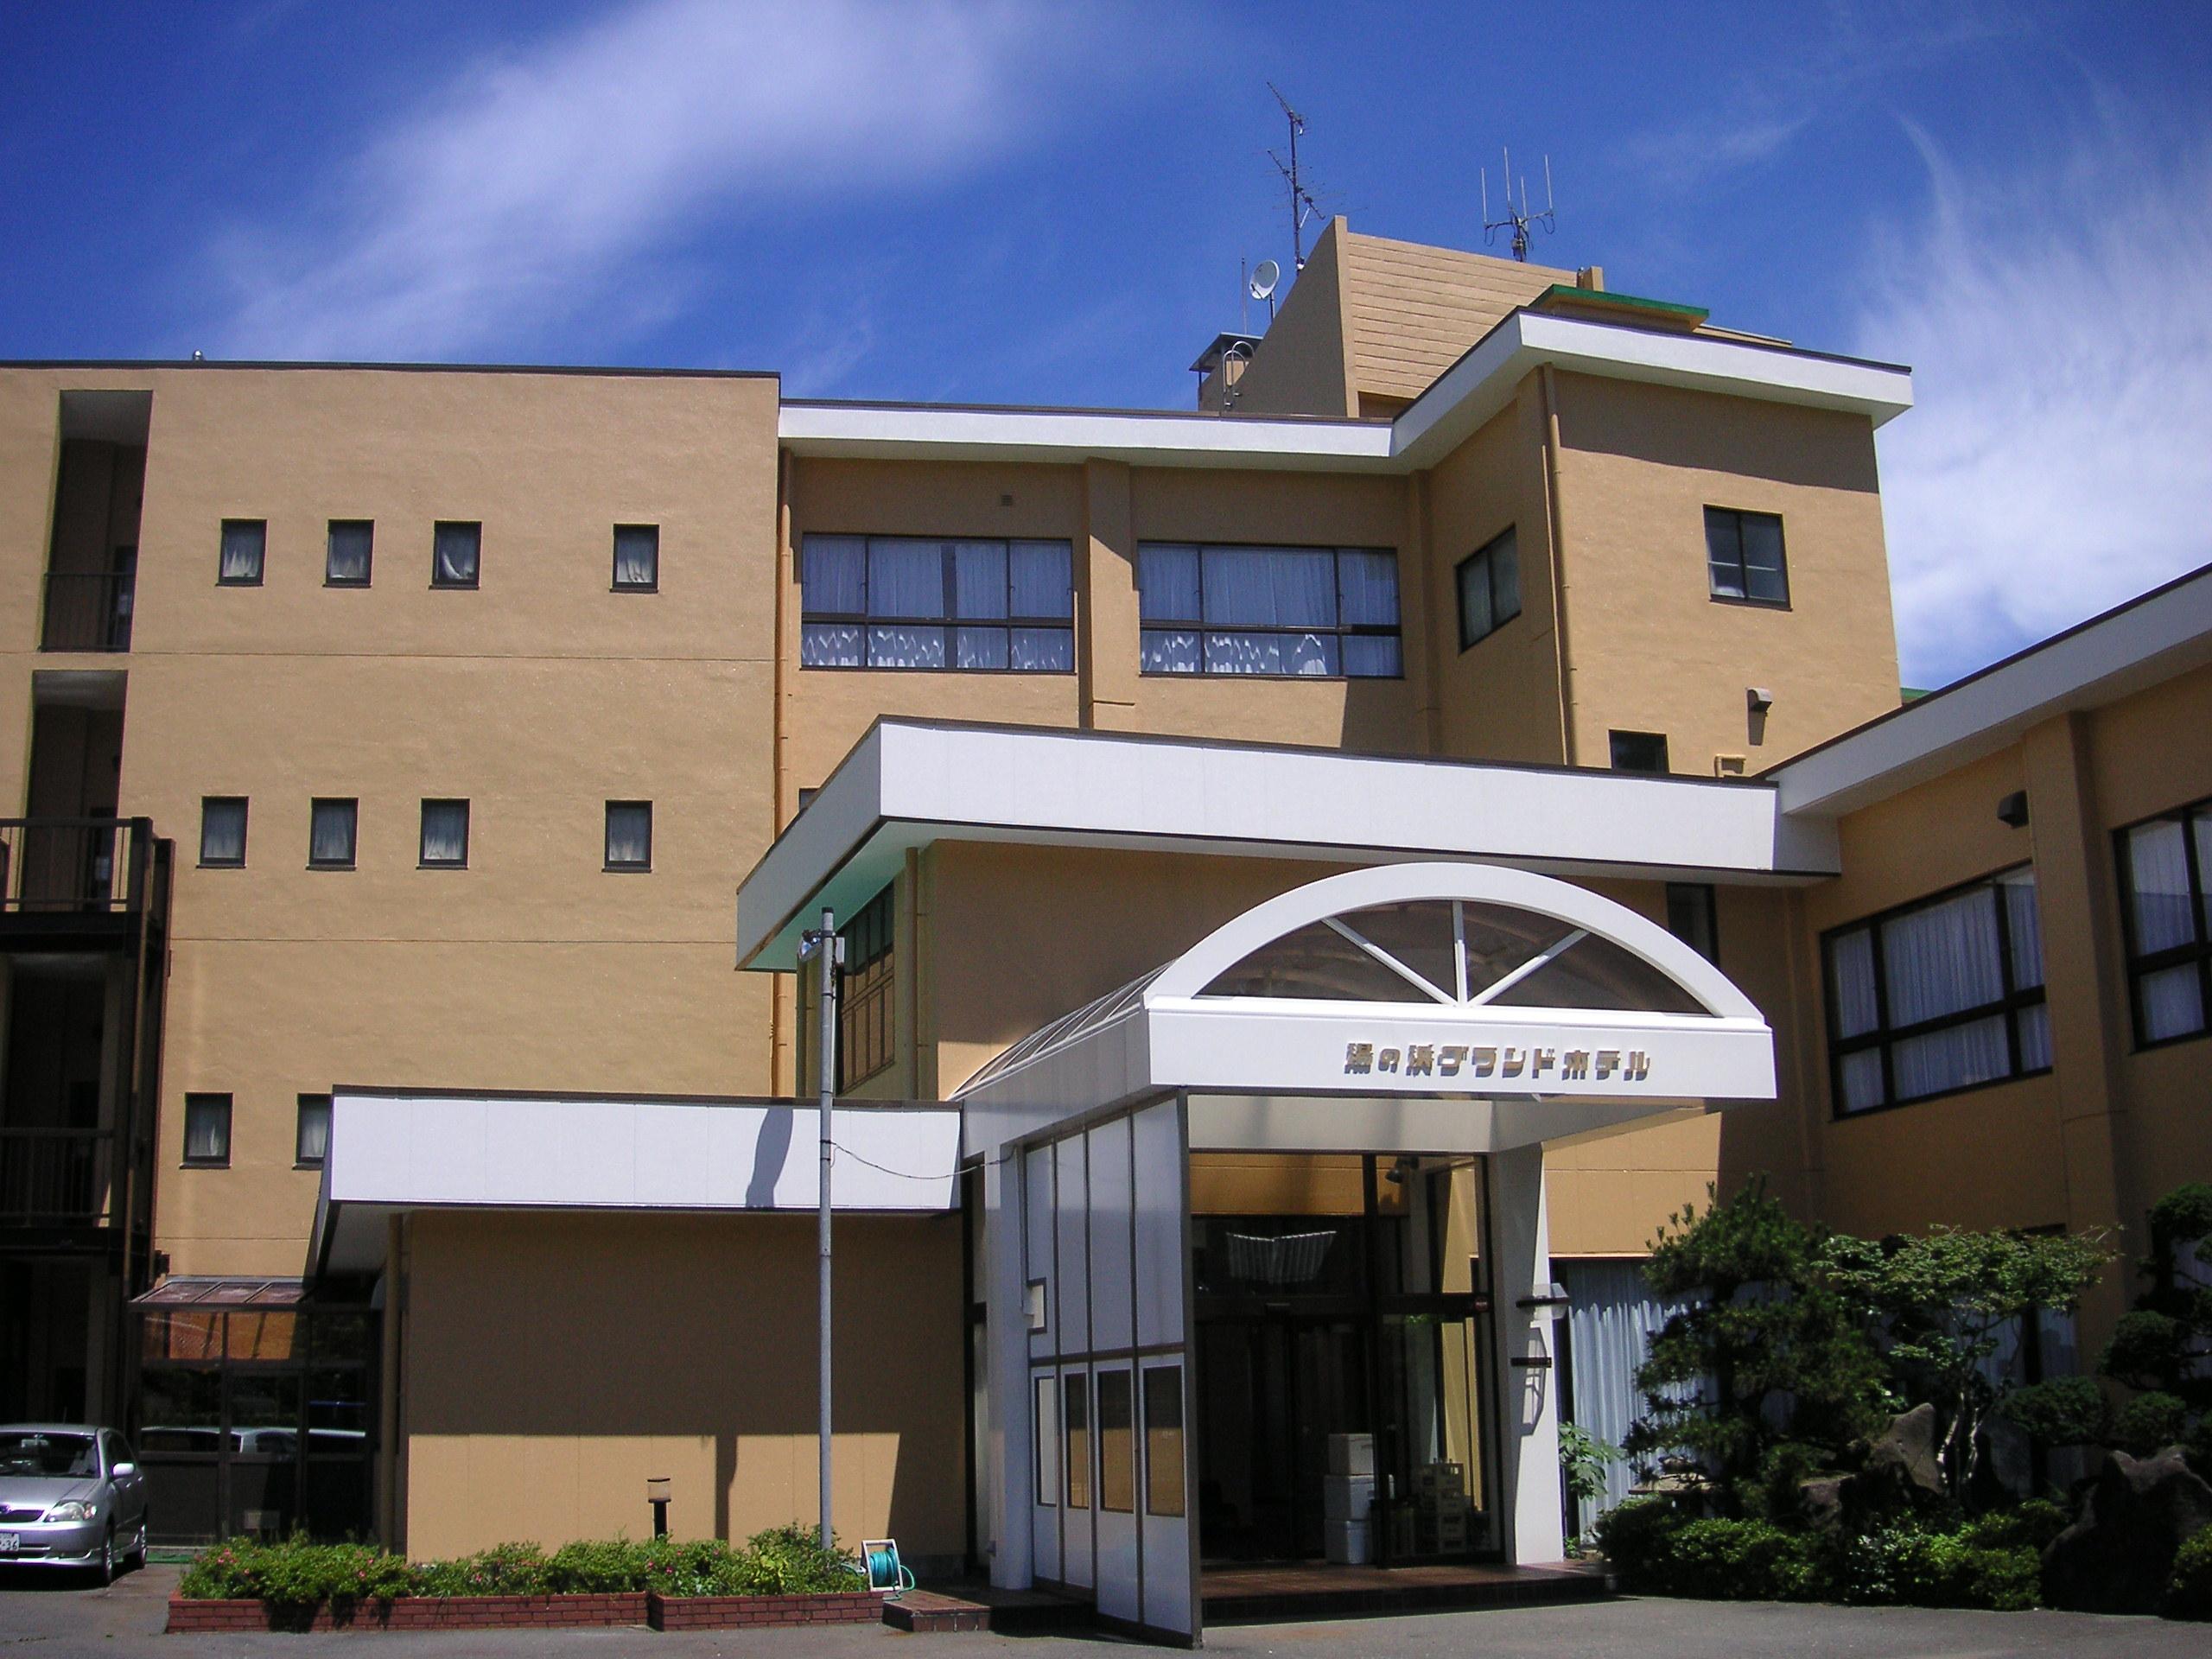 鶴岡自動車学園(山形県)の宿泊施設一覧|合宿免許キャスネット